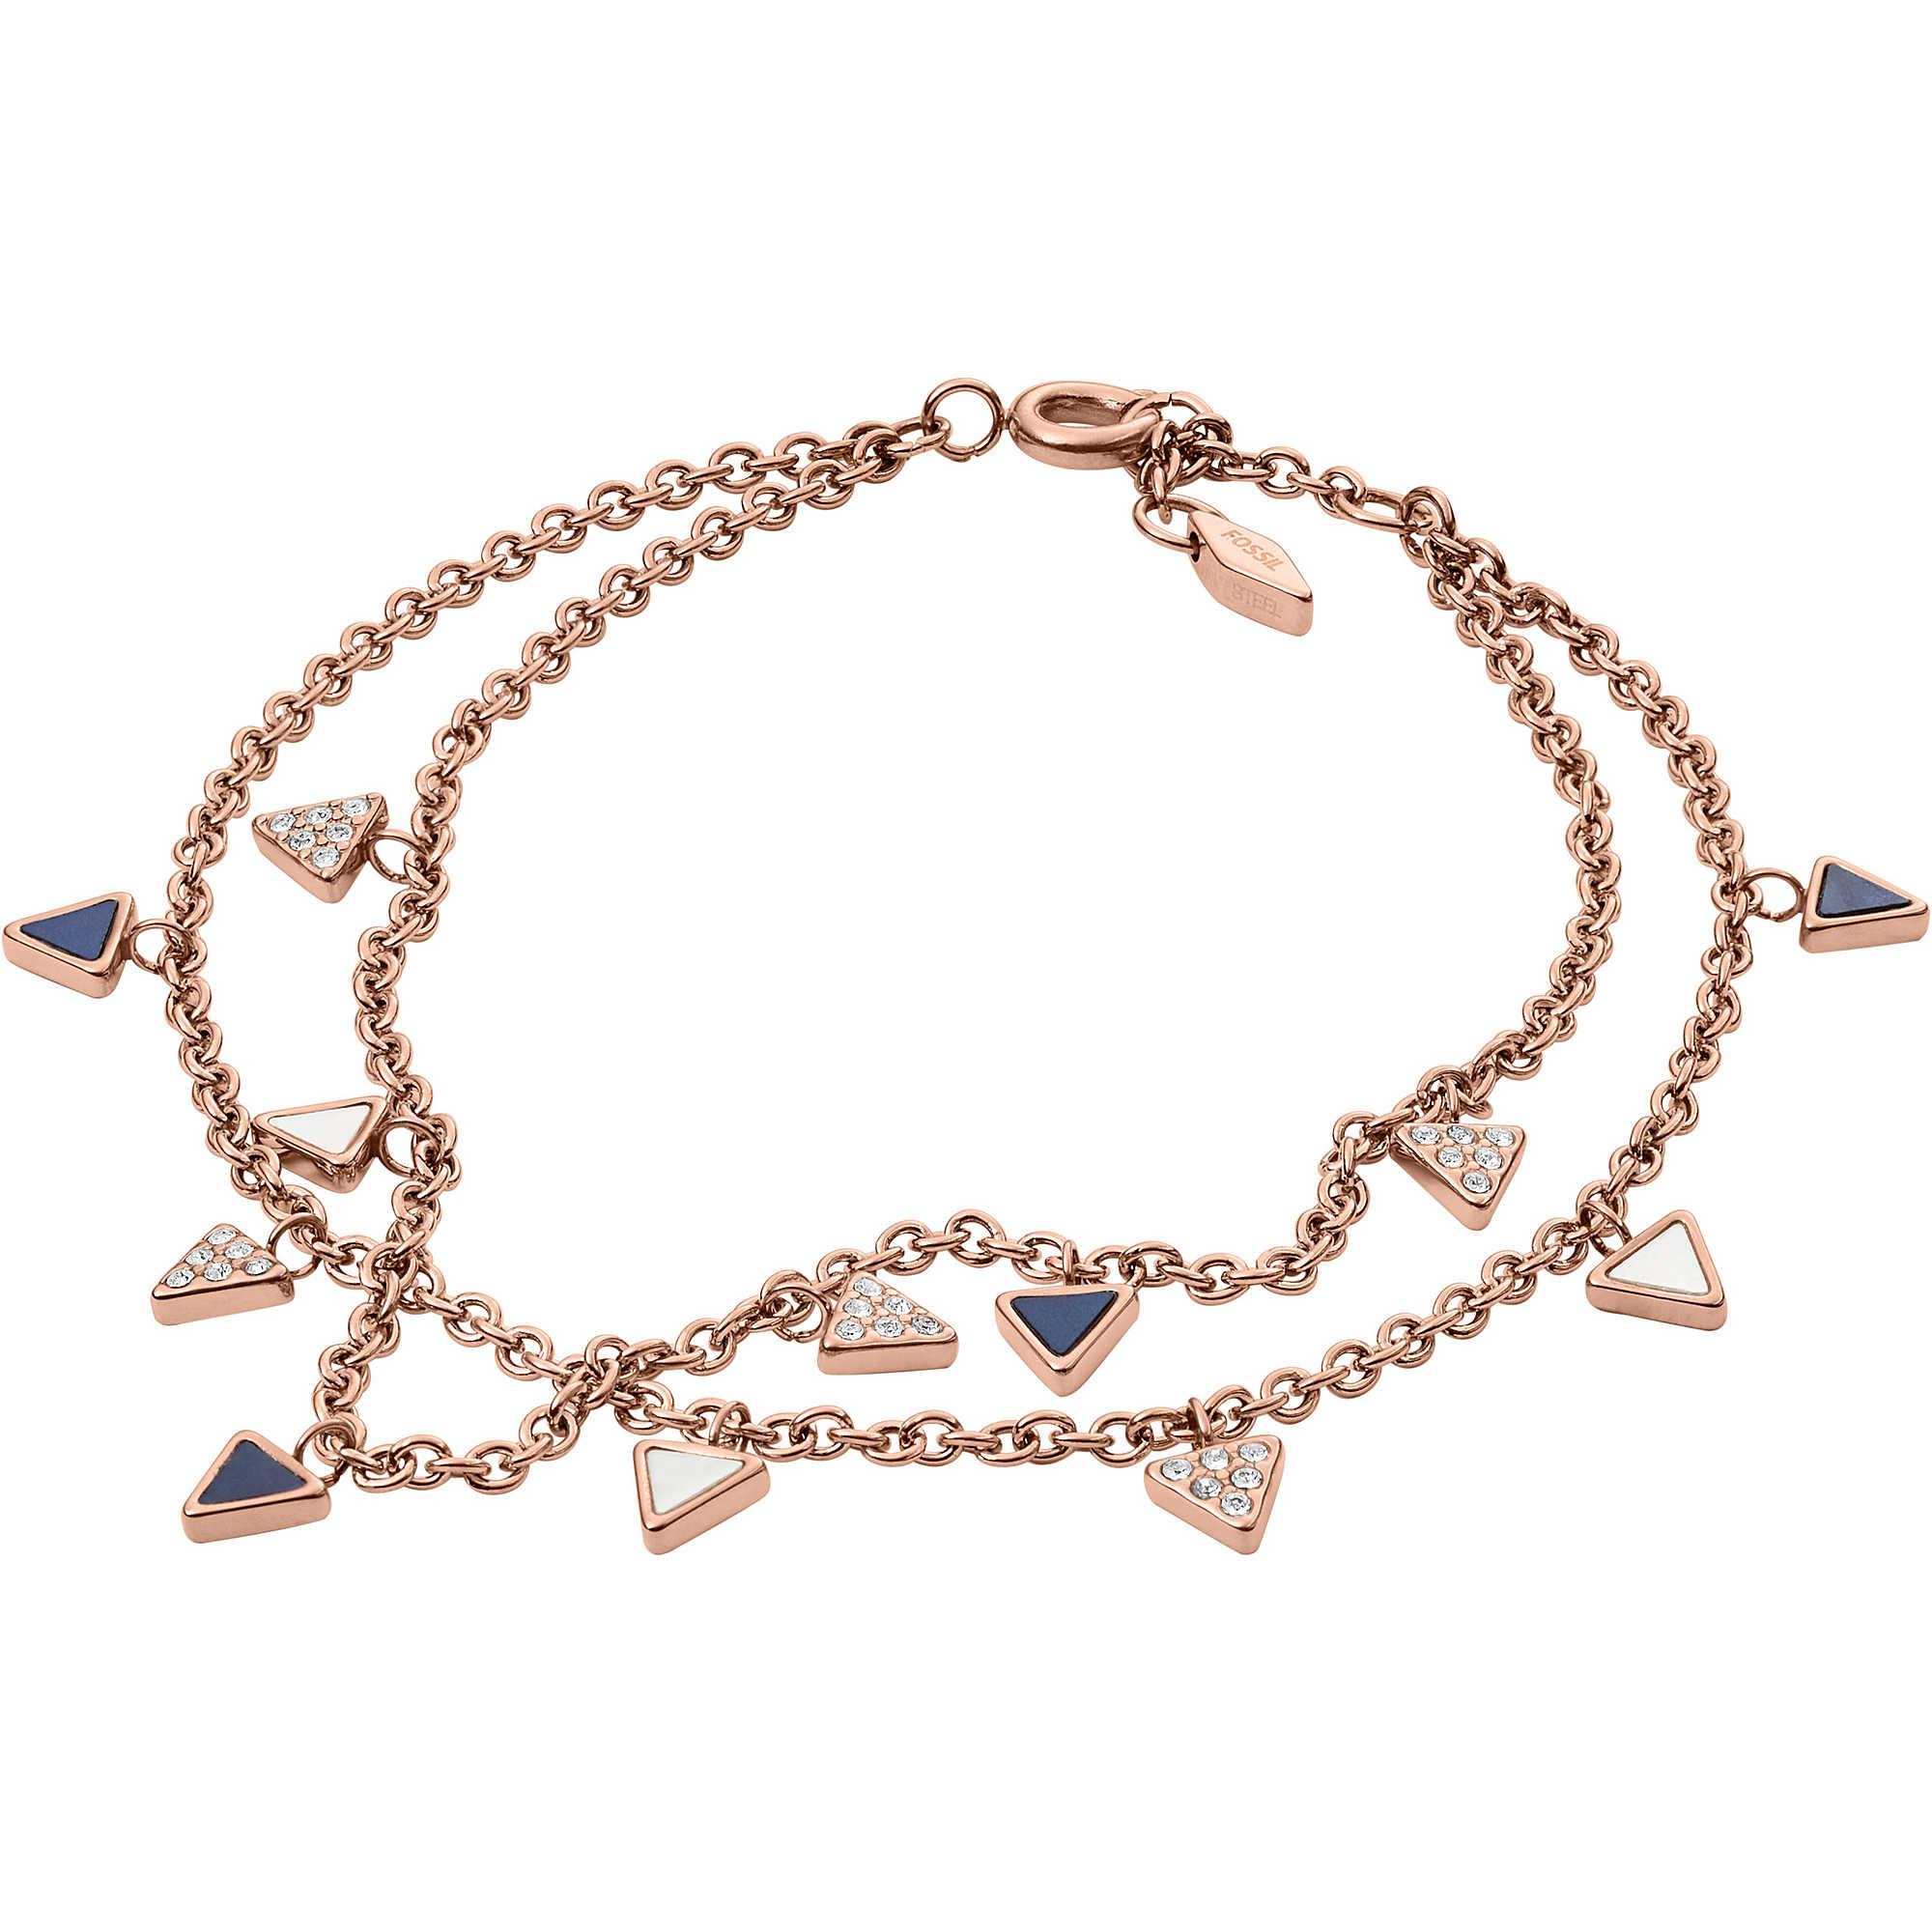 684d57883564 bracciale donna gioielli Fossil Fashion JF02765791 bracciali Fossil